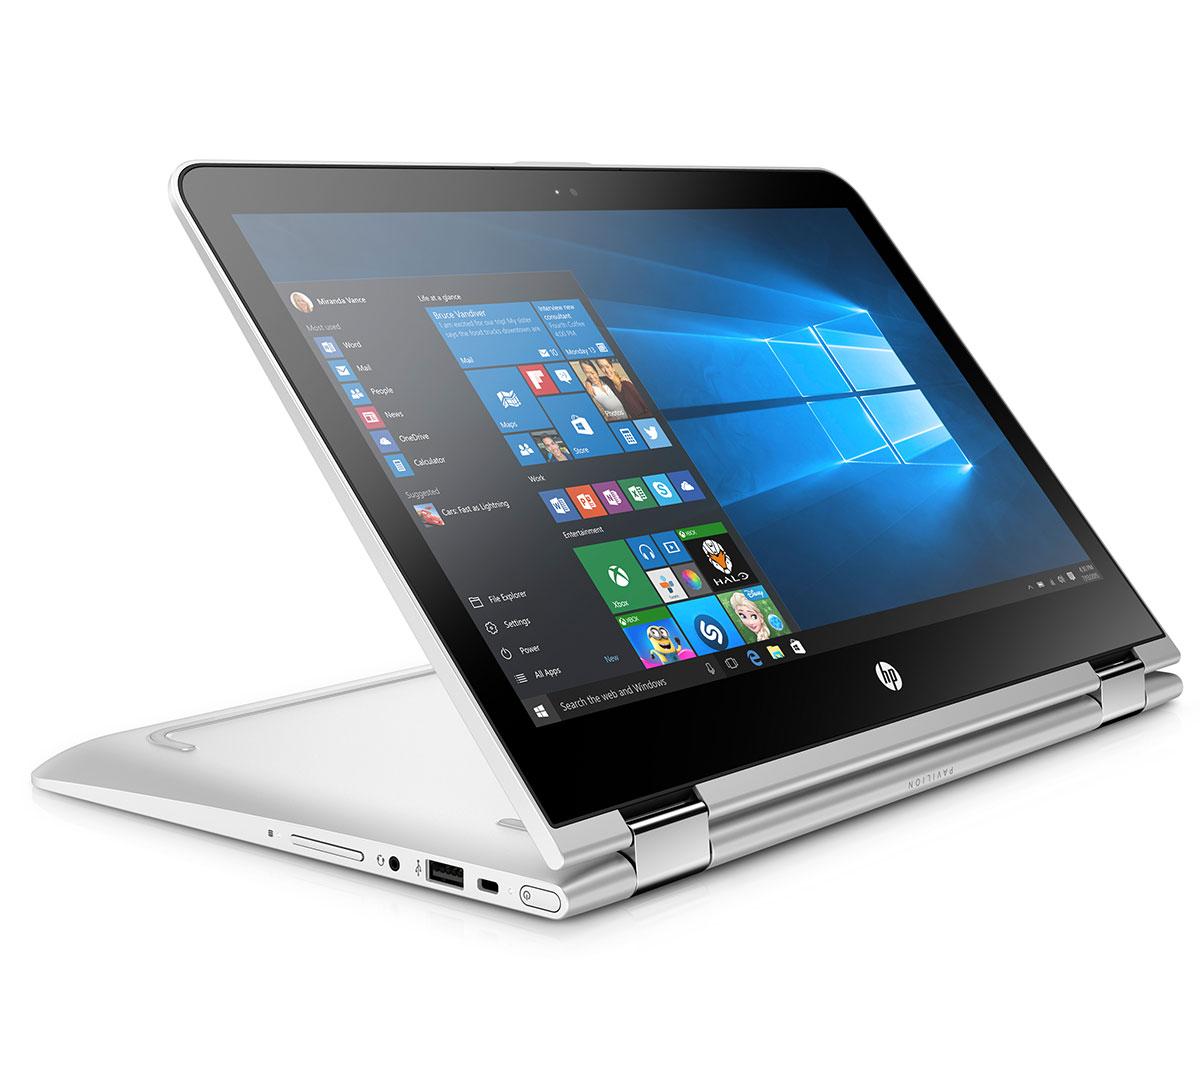 HP Pavilion x360 Laptop: Specs and Reviews 36